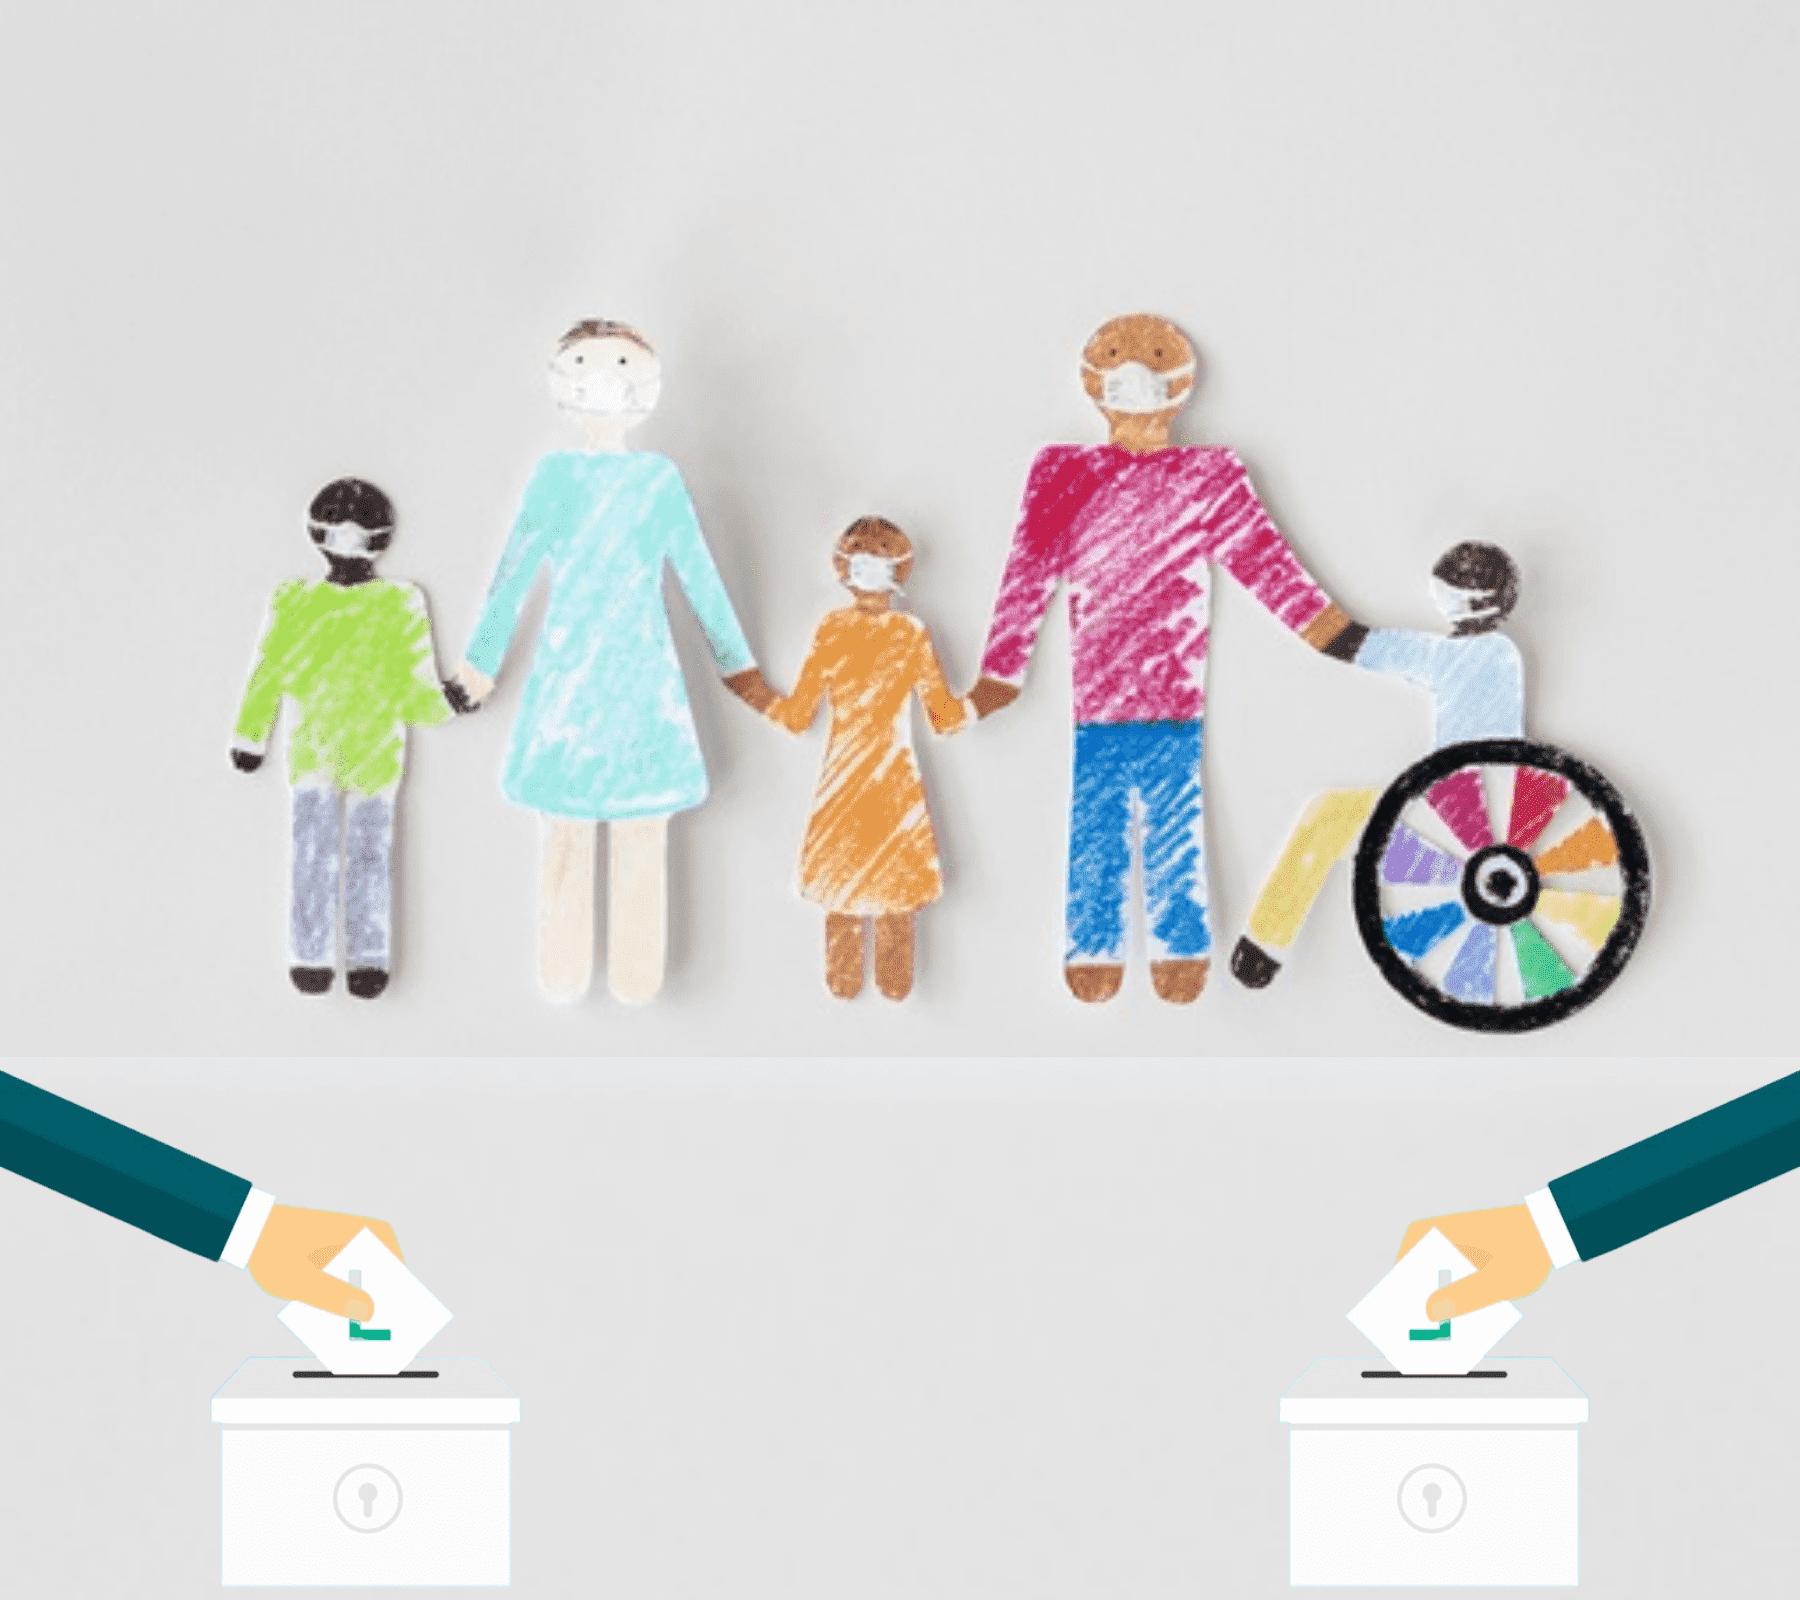 Imagen ilustrativa: Se observan a personas con discapacidad dibujadas